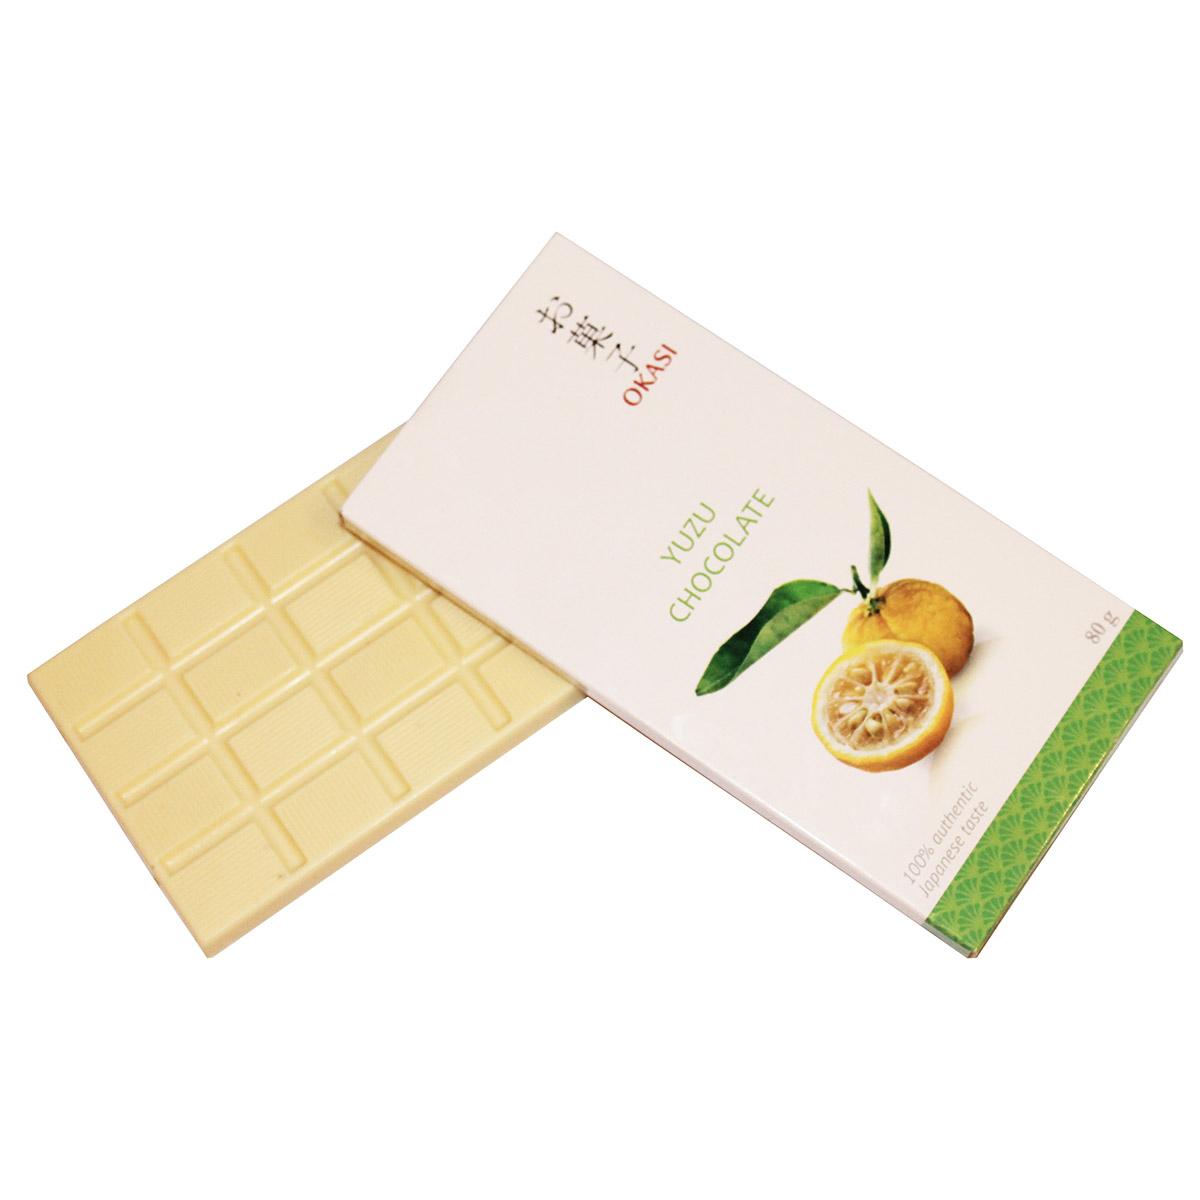 Шоколад Okasi с юдзу, плитка, 80 г (уцененный